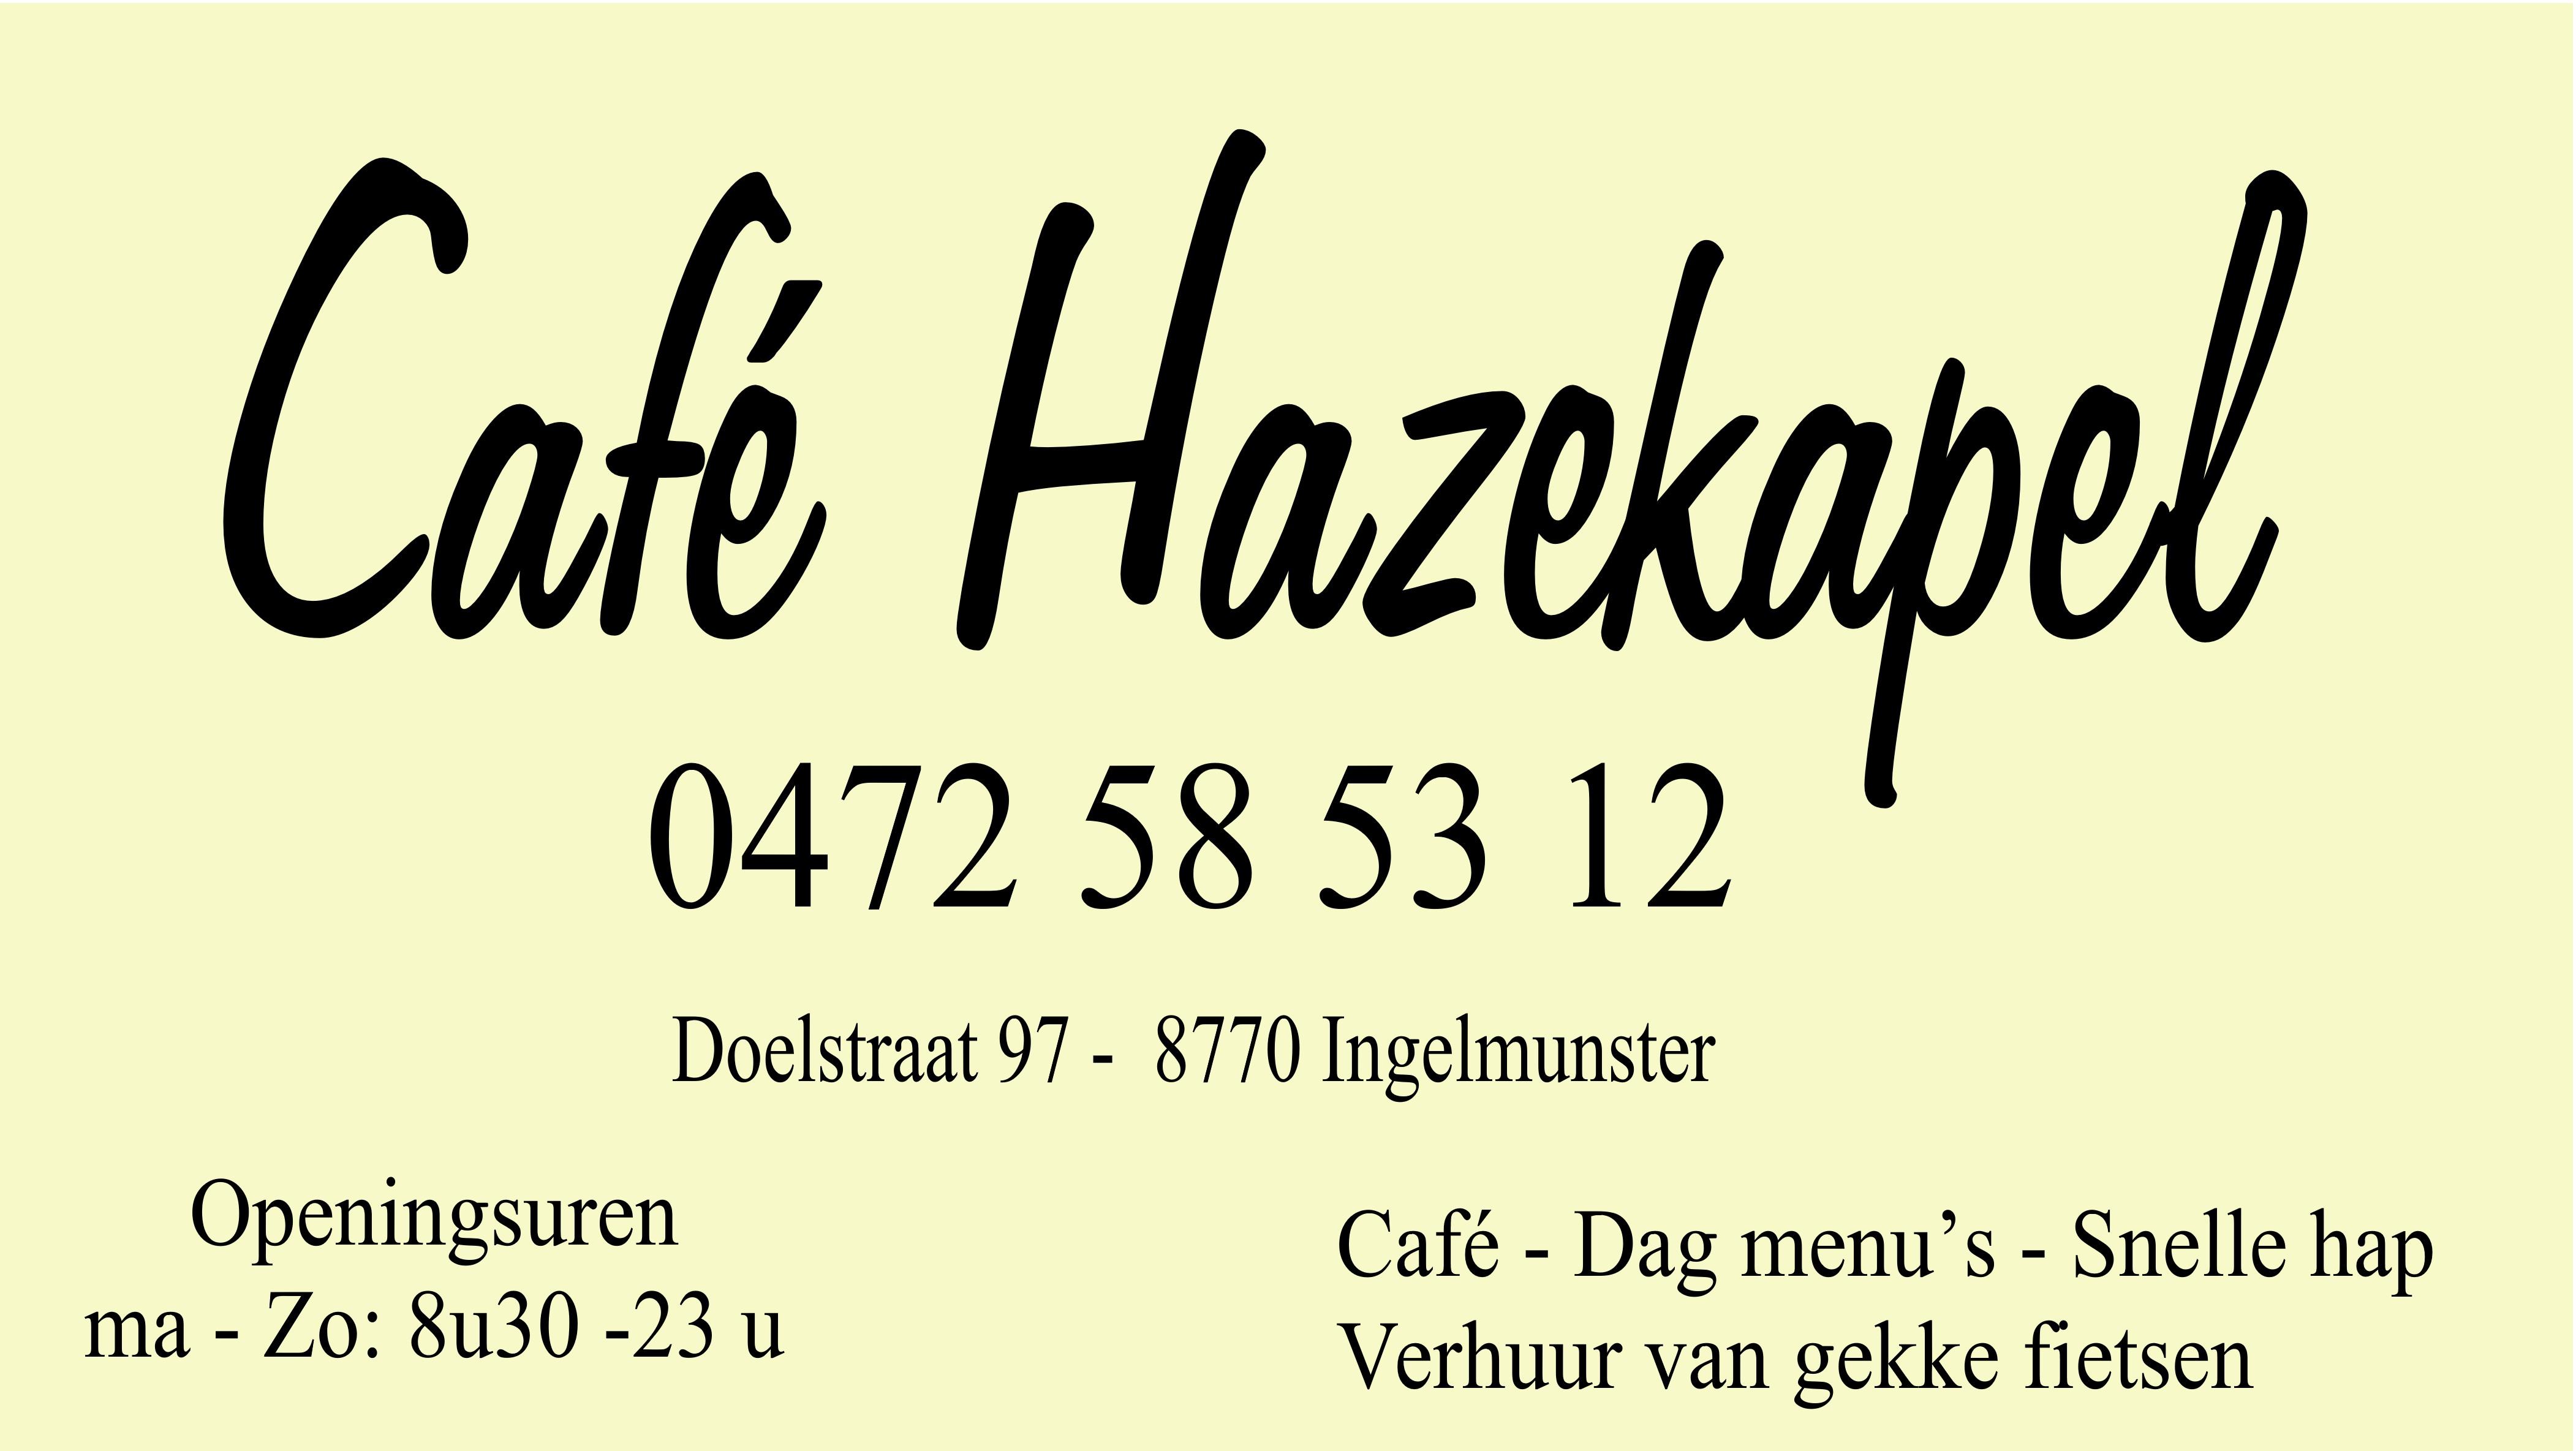 18-Scherm_Hazekapel